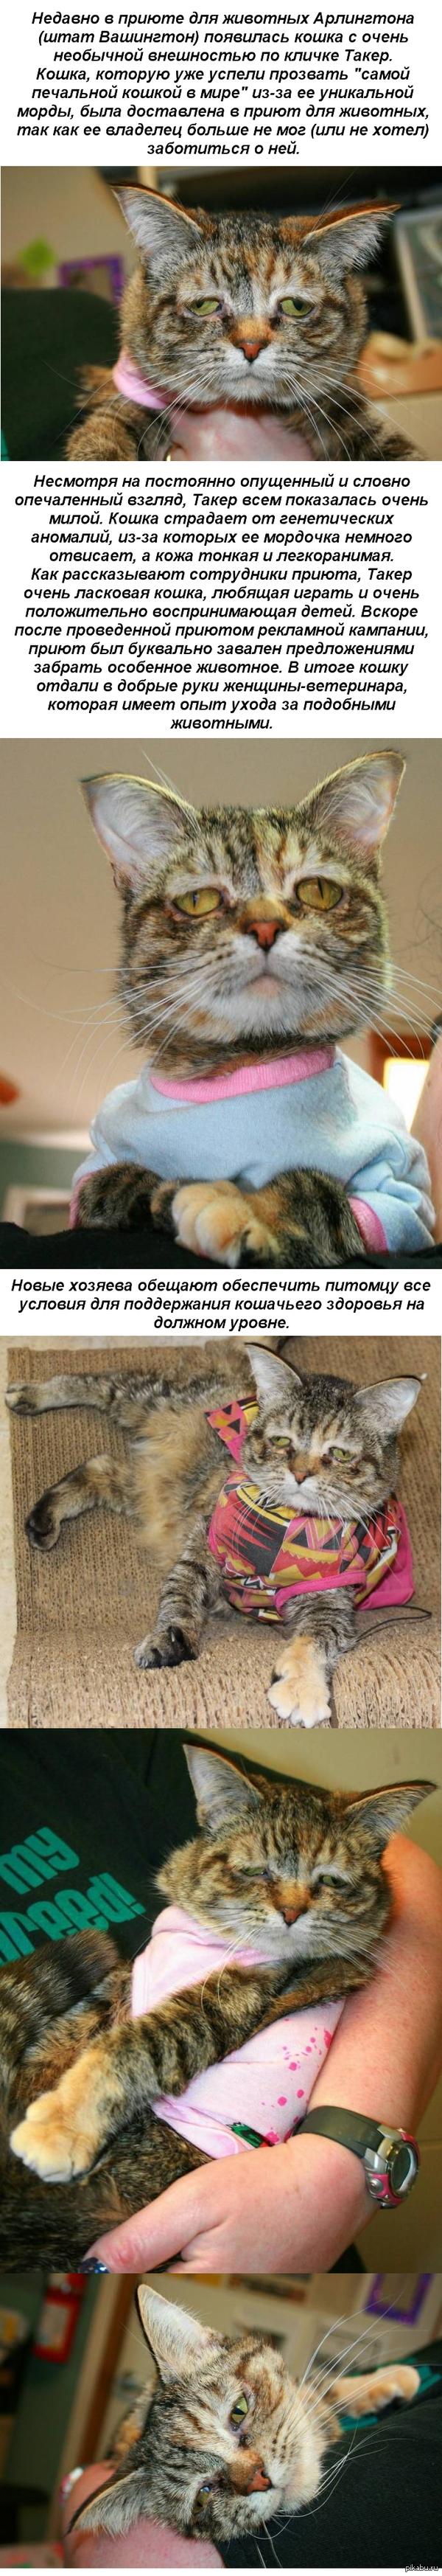 Самая печальная кошка нашла себе новых хозяев   кот, печаль, приют, хозяева, длиннопост